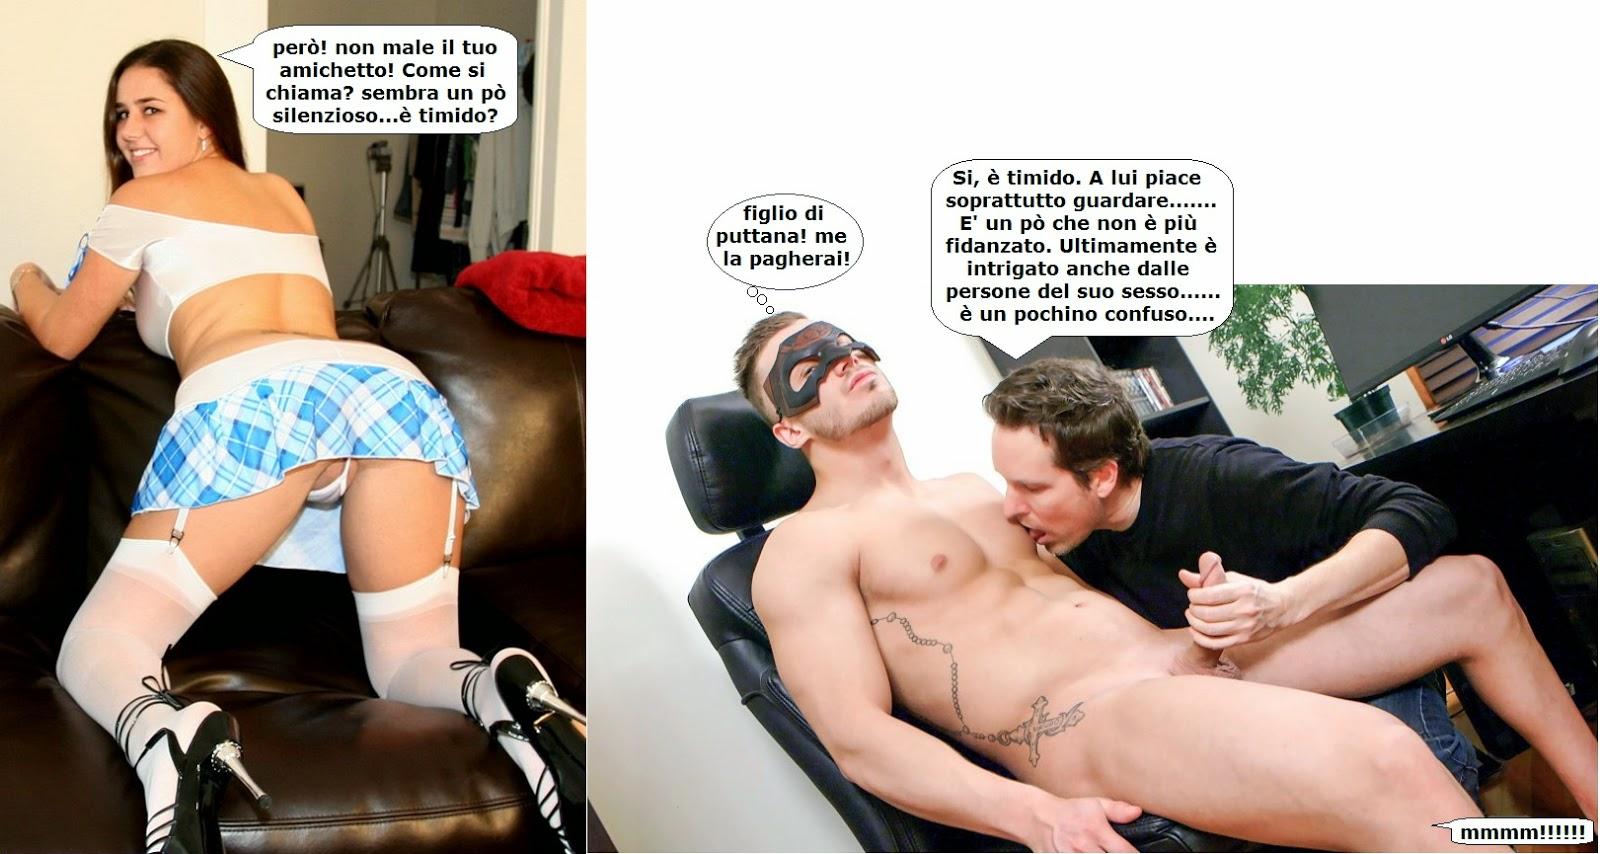 racconti gay palestra Siracusa